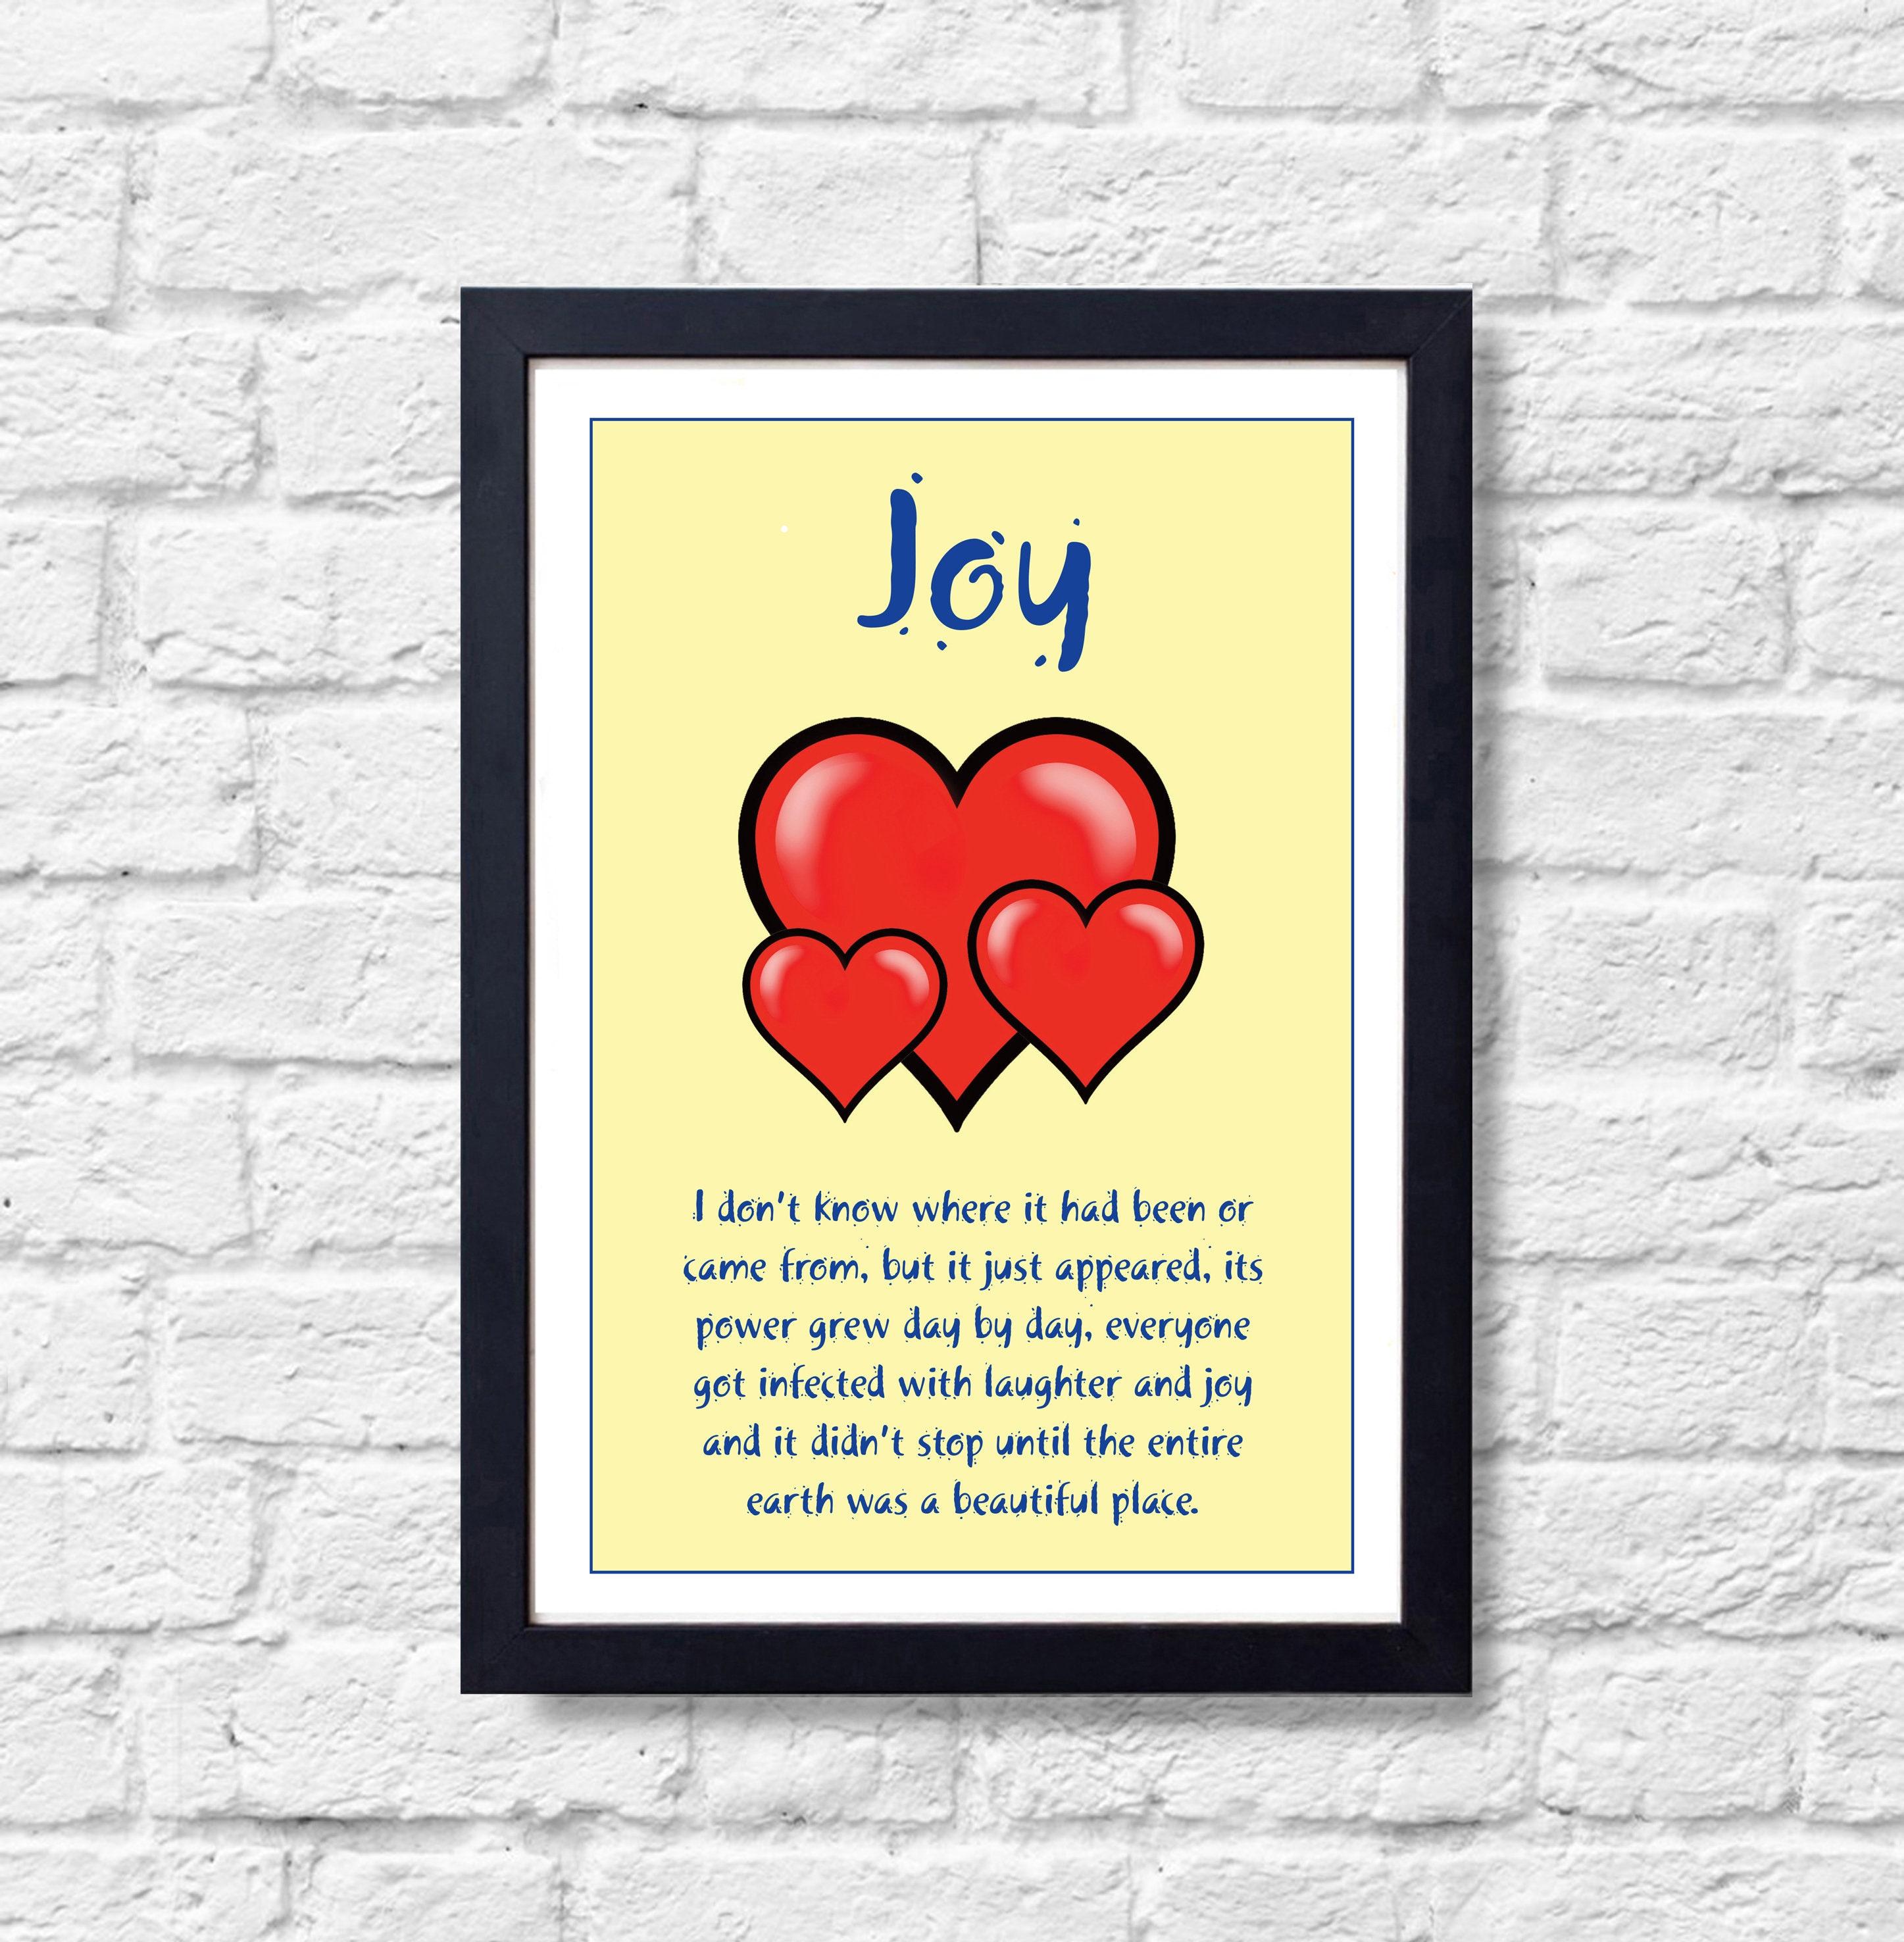 Joy Wall Art Cartoon Humorous Room Poster Red Heart | Etsy